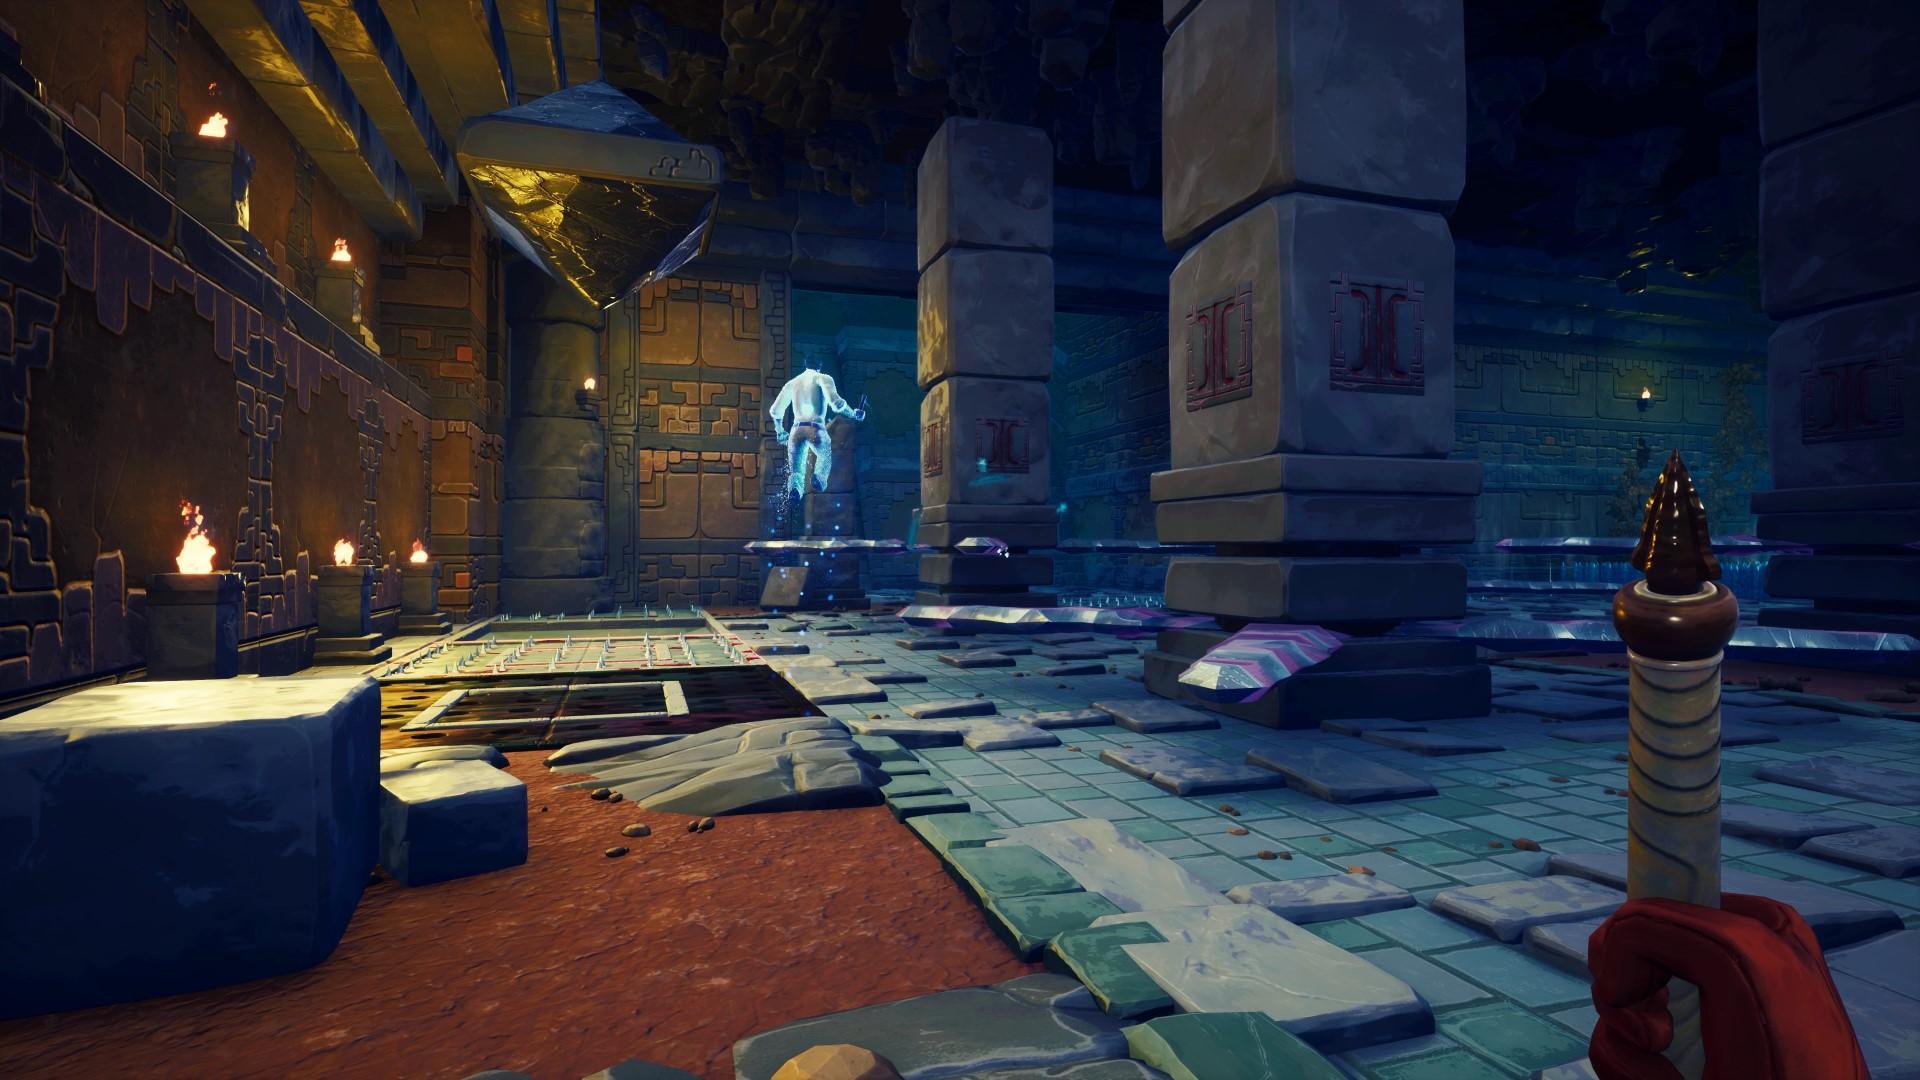 幻影深淵 Phantom Abyss